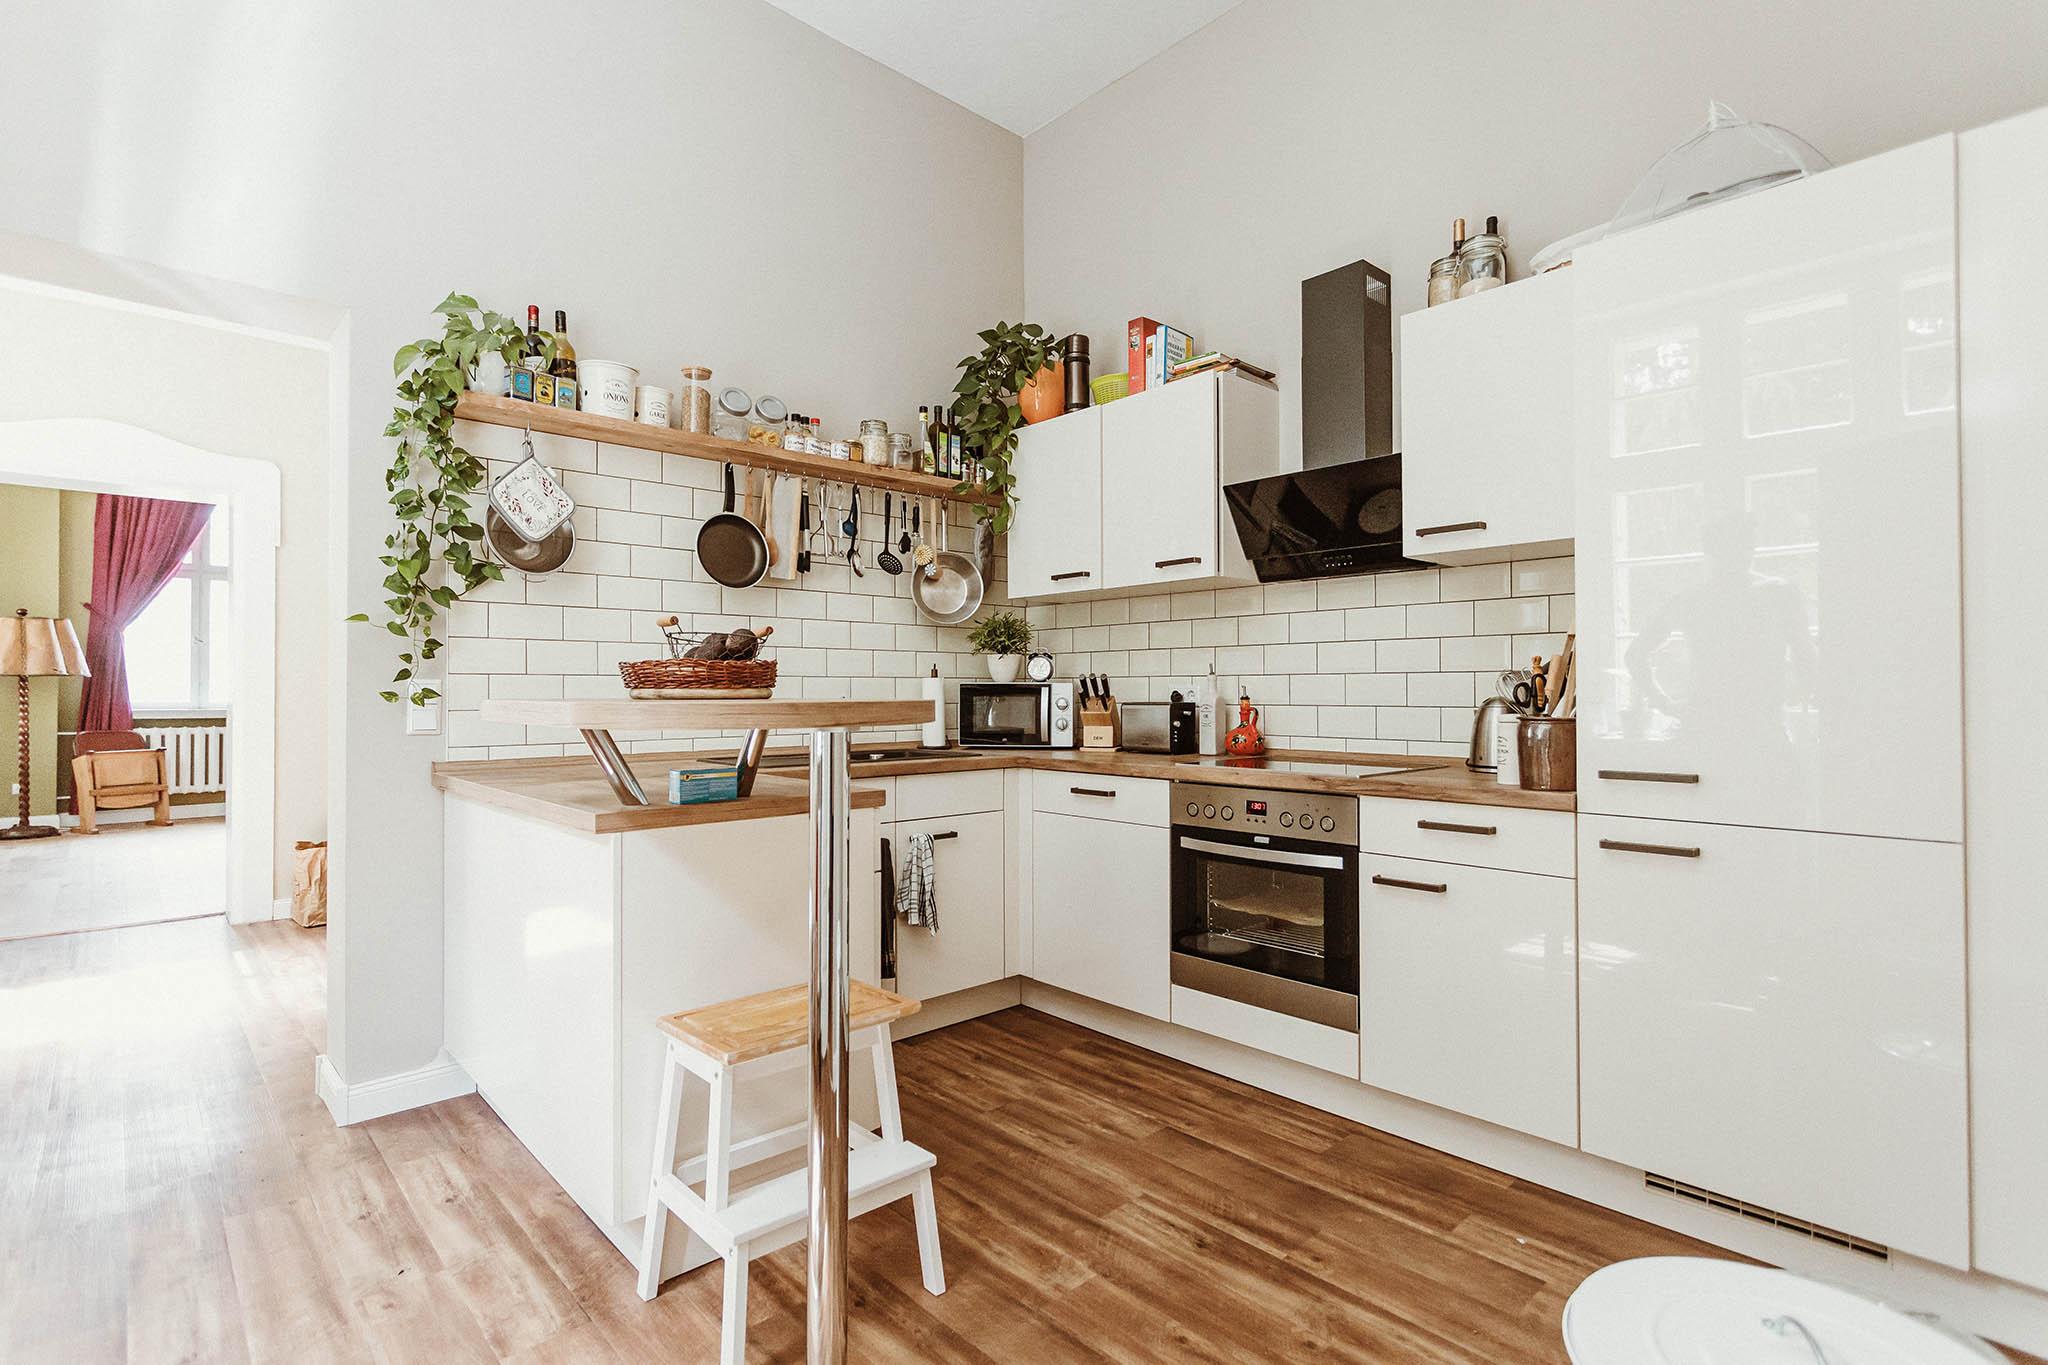 florianfeg_immobilien_sanierung_interior_kue_2048